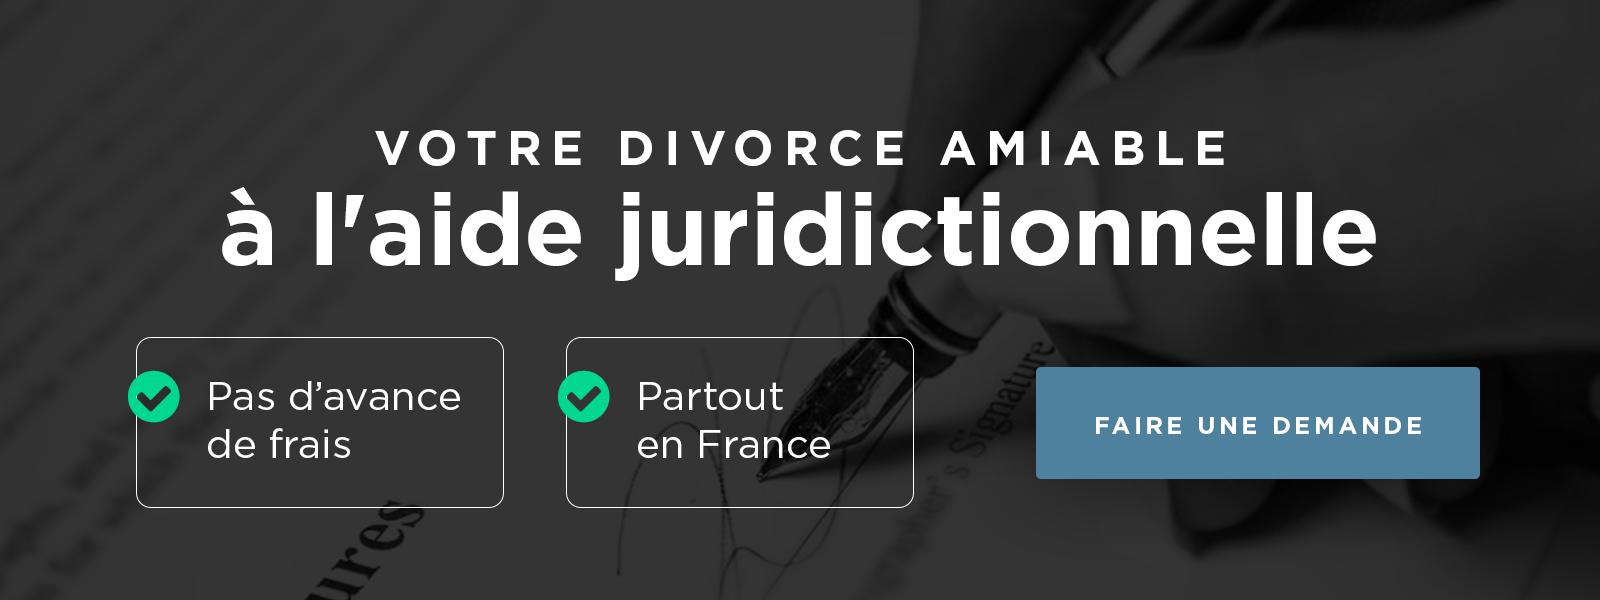 Le Divorce Amiable Ou Par Consentement Mutuel Qu Est Ce